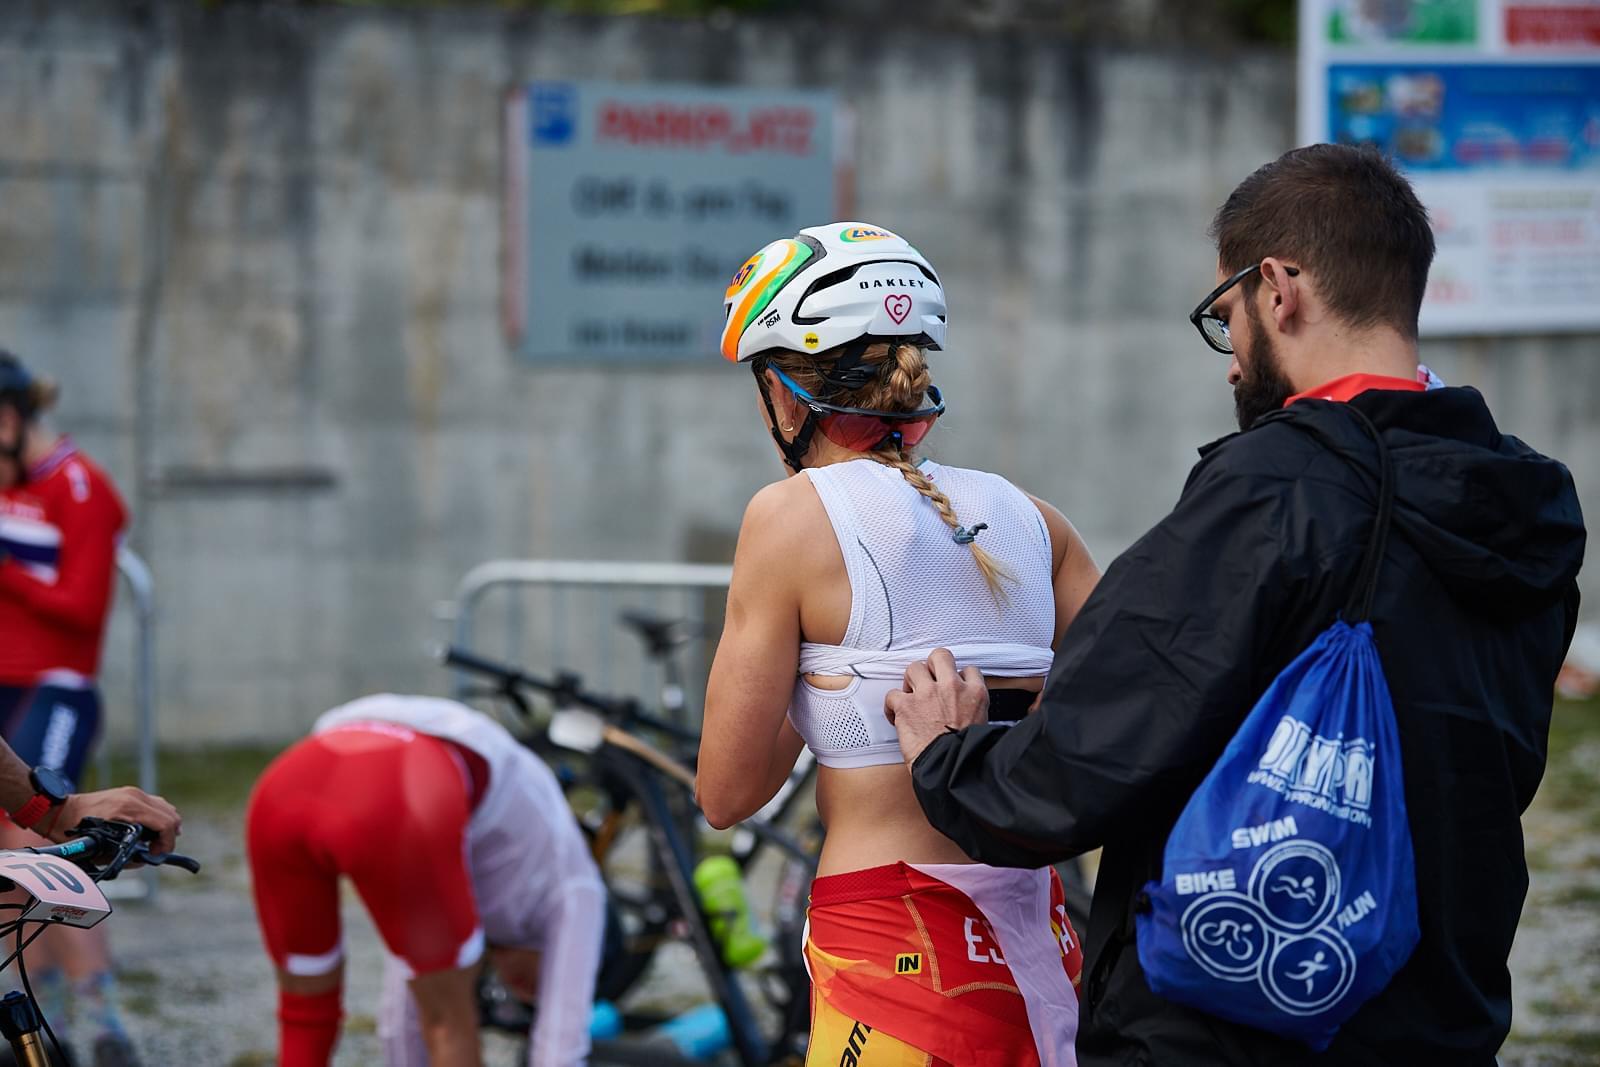 #TeamESPciclismo / Mundial XC Maratón, Grachen 2019